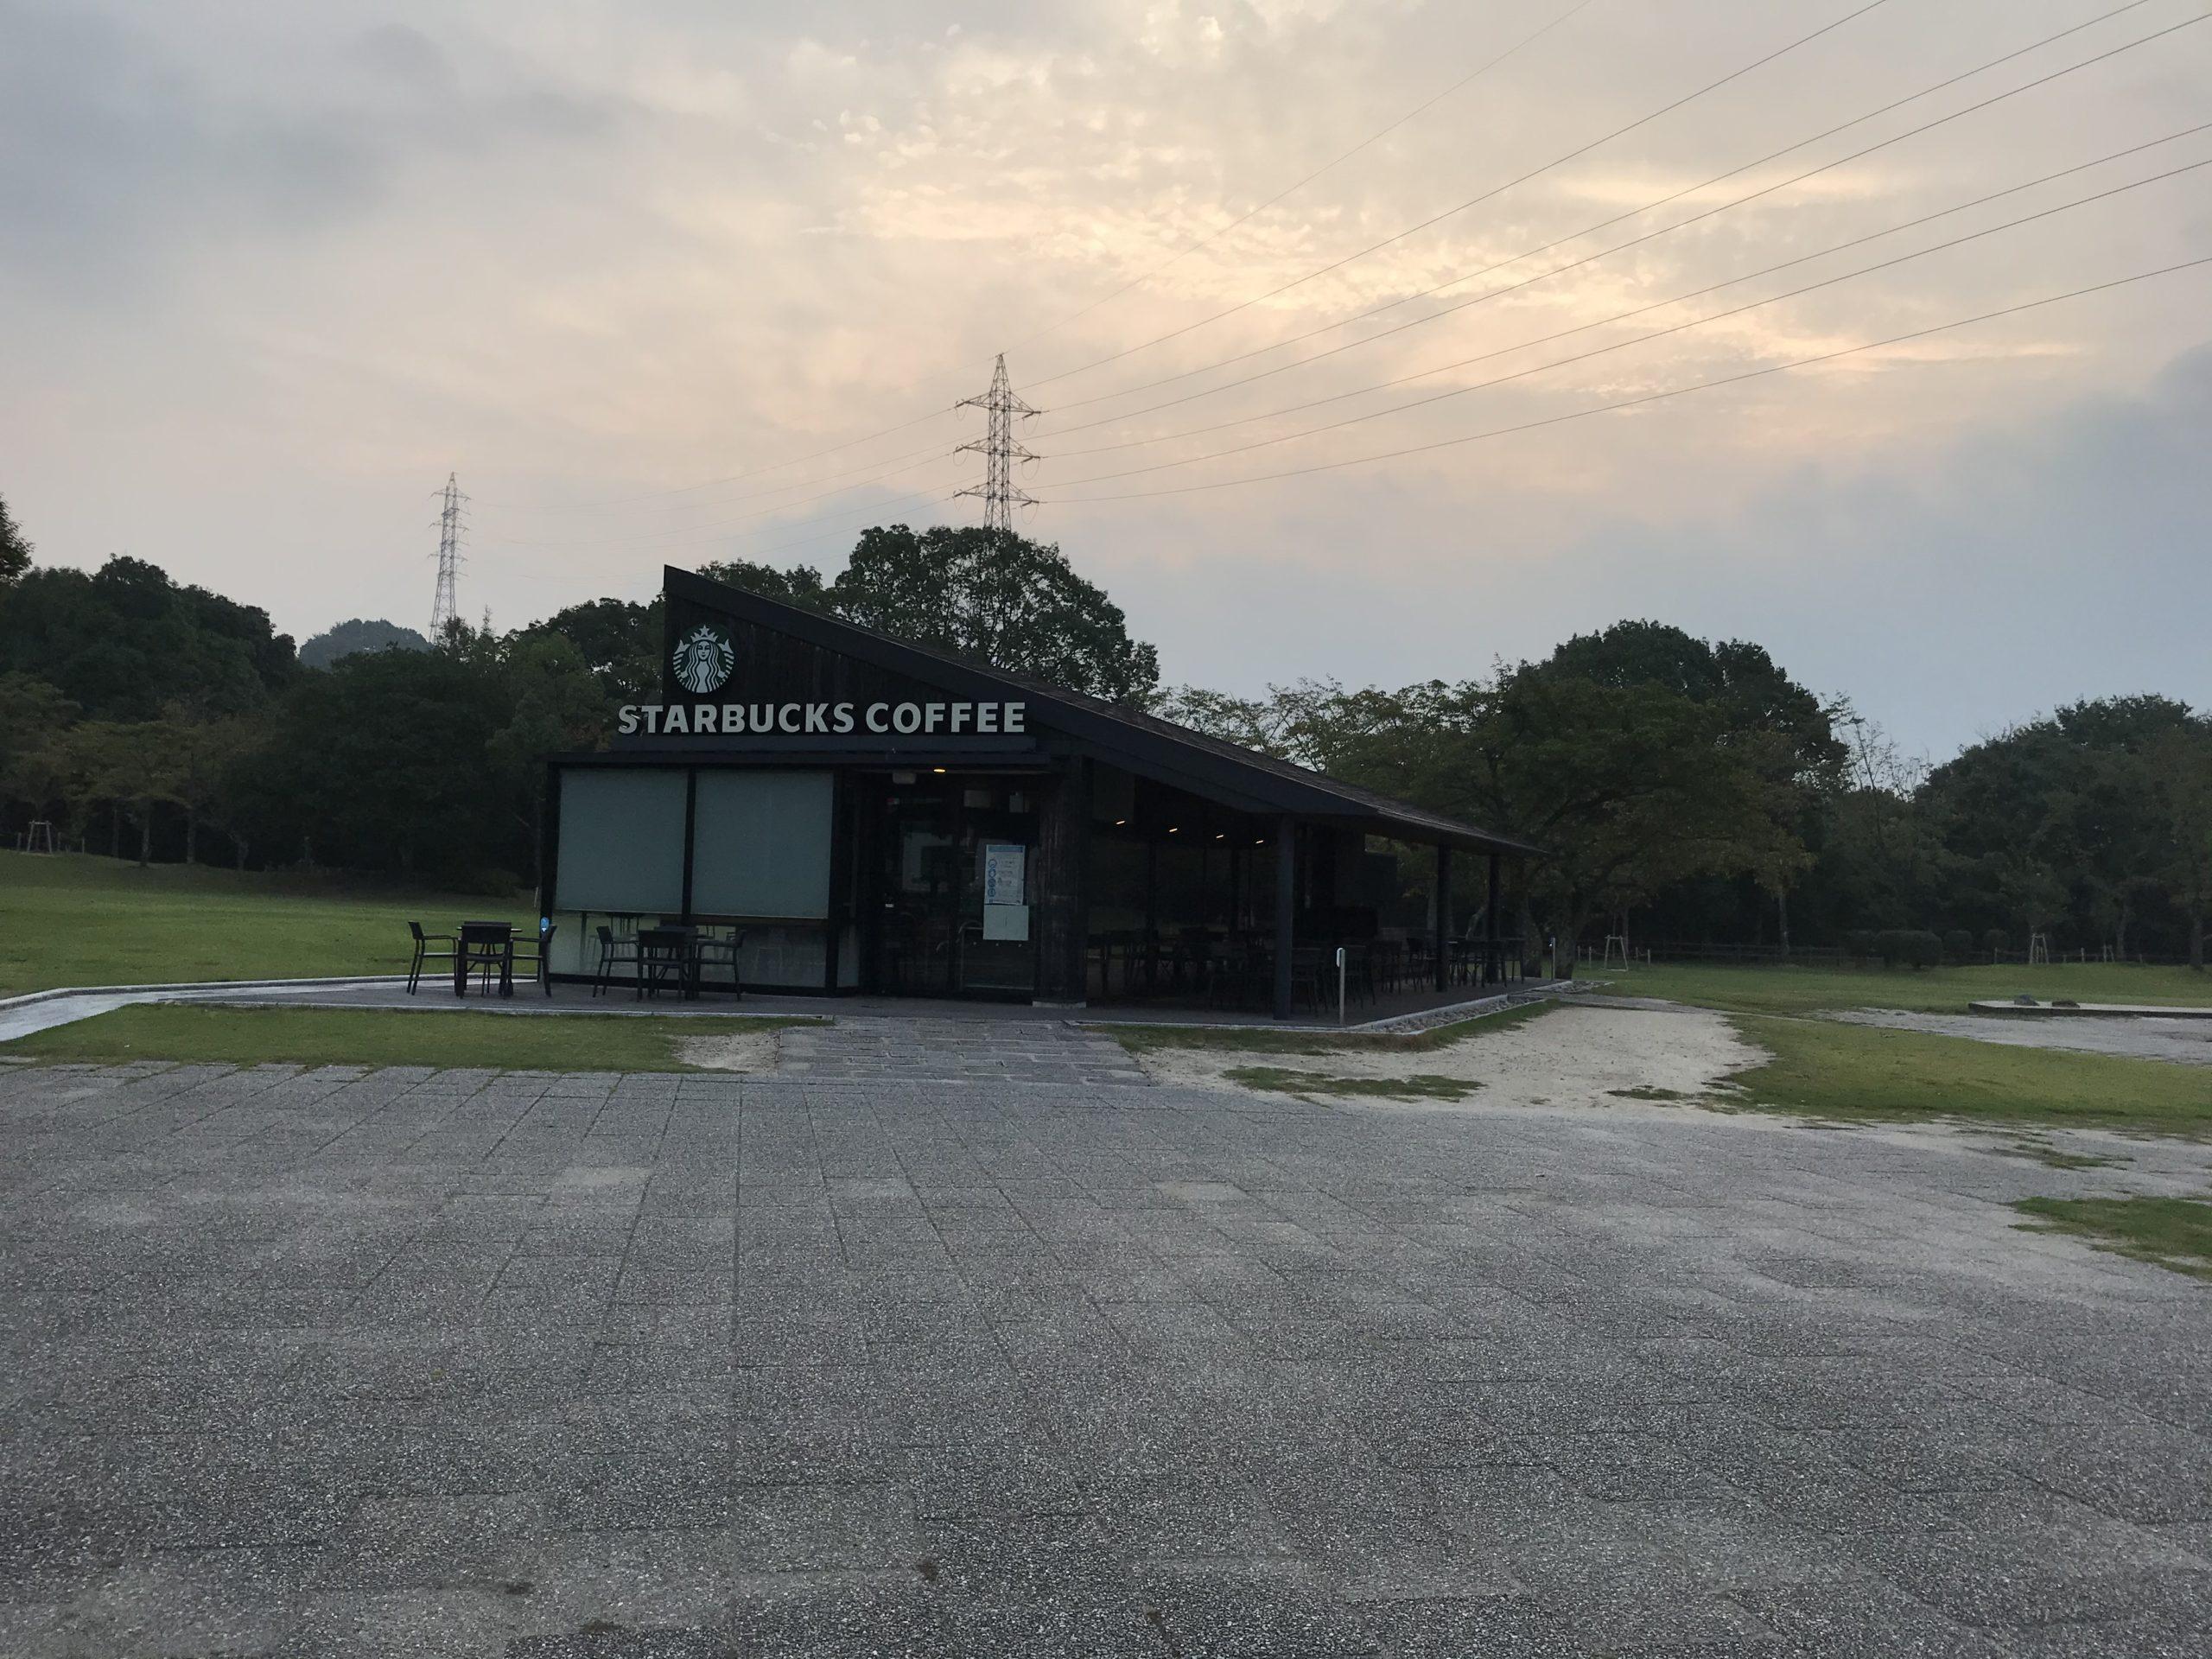 宮島サービスエリア(下り)のスタバ